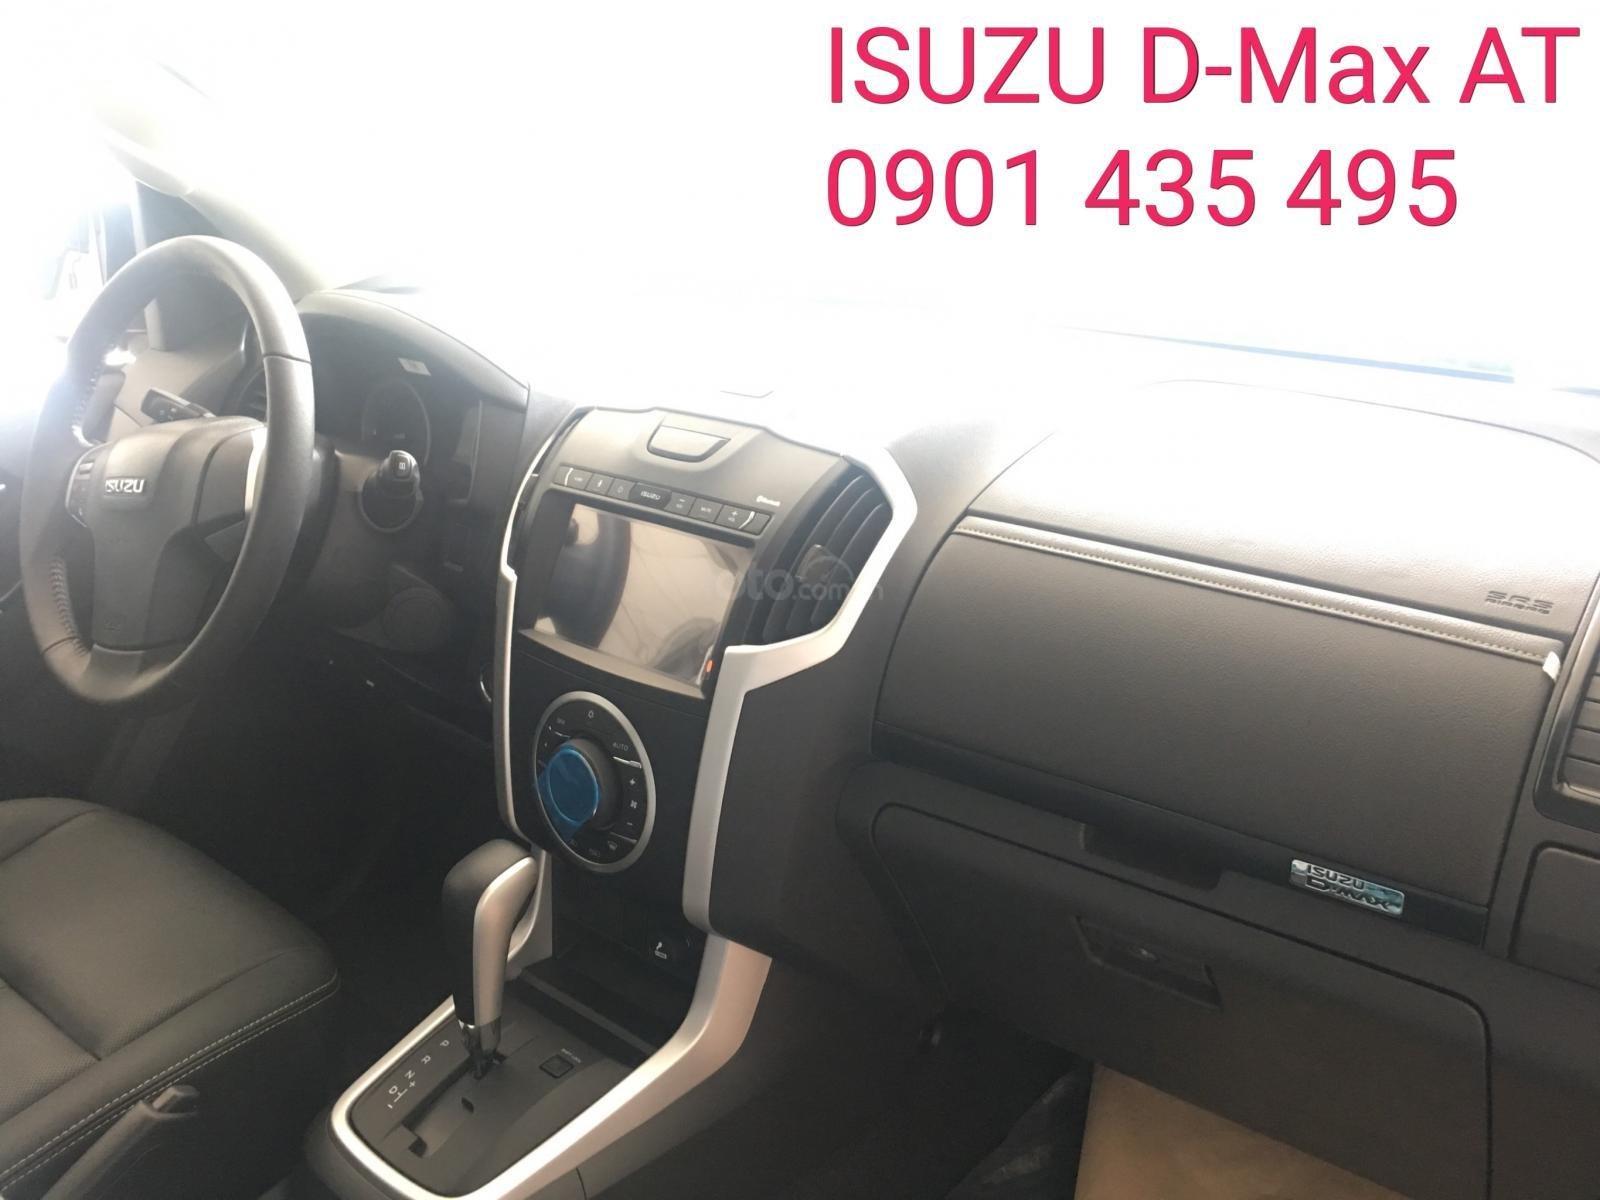 Bán Isuzu D-Max tự động 1.9 tự động Turbo tăng áp, KM nắp thùng, camera lùi (2)